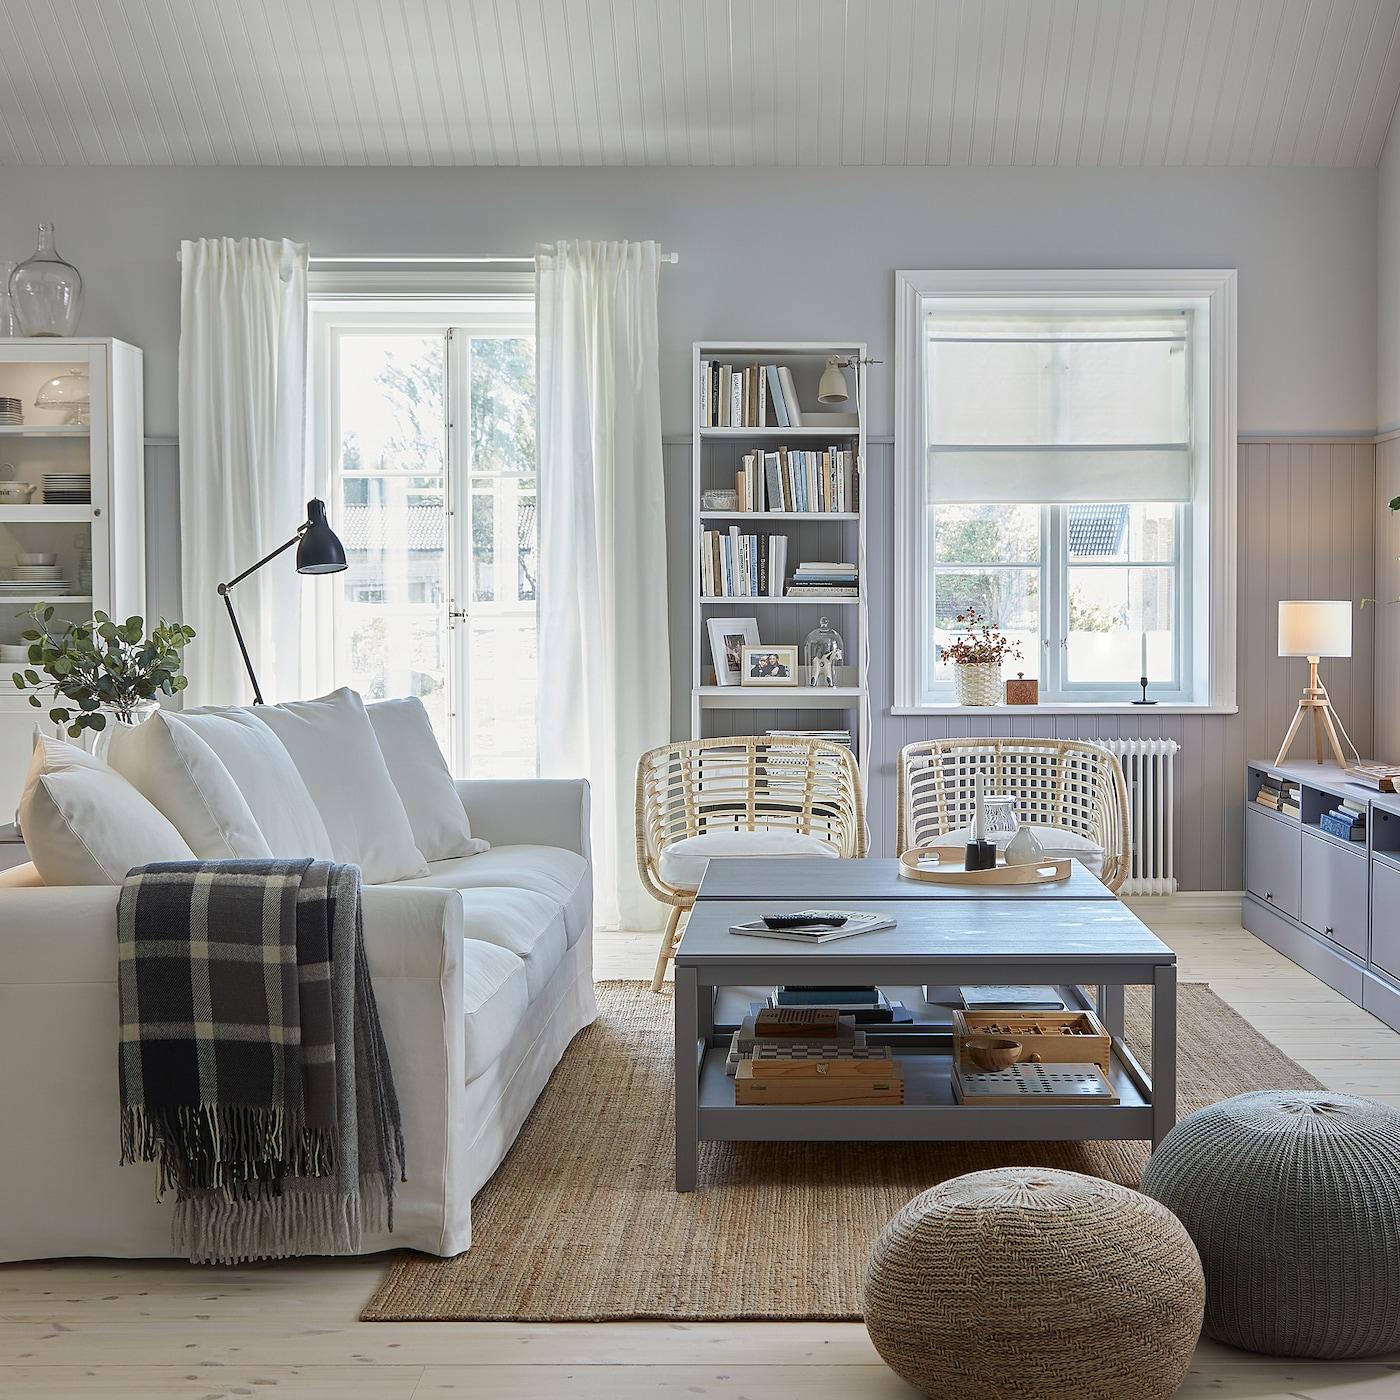 Traditionellt vardagsrum med vit soffa, jutematta, två grå soffbord, grå tv-bänk och två rottingfåtöljer.